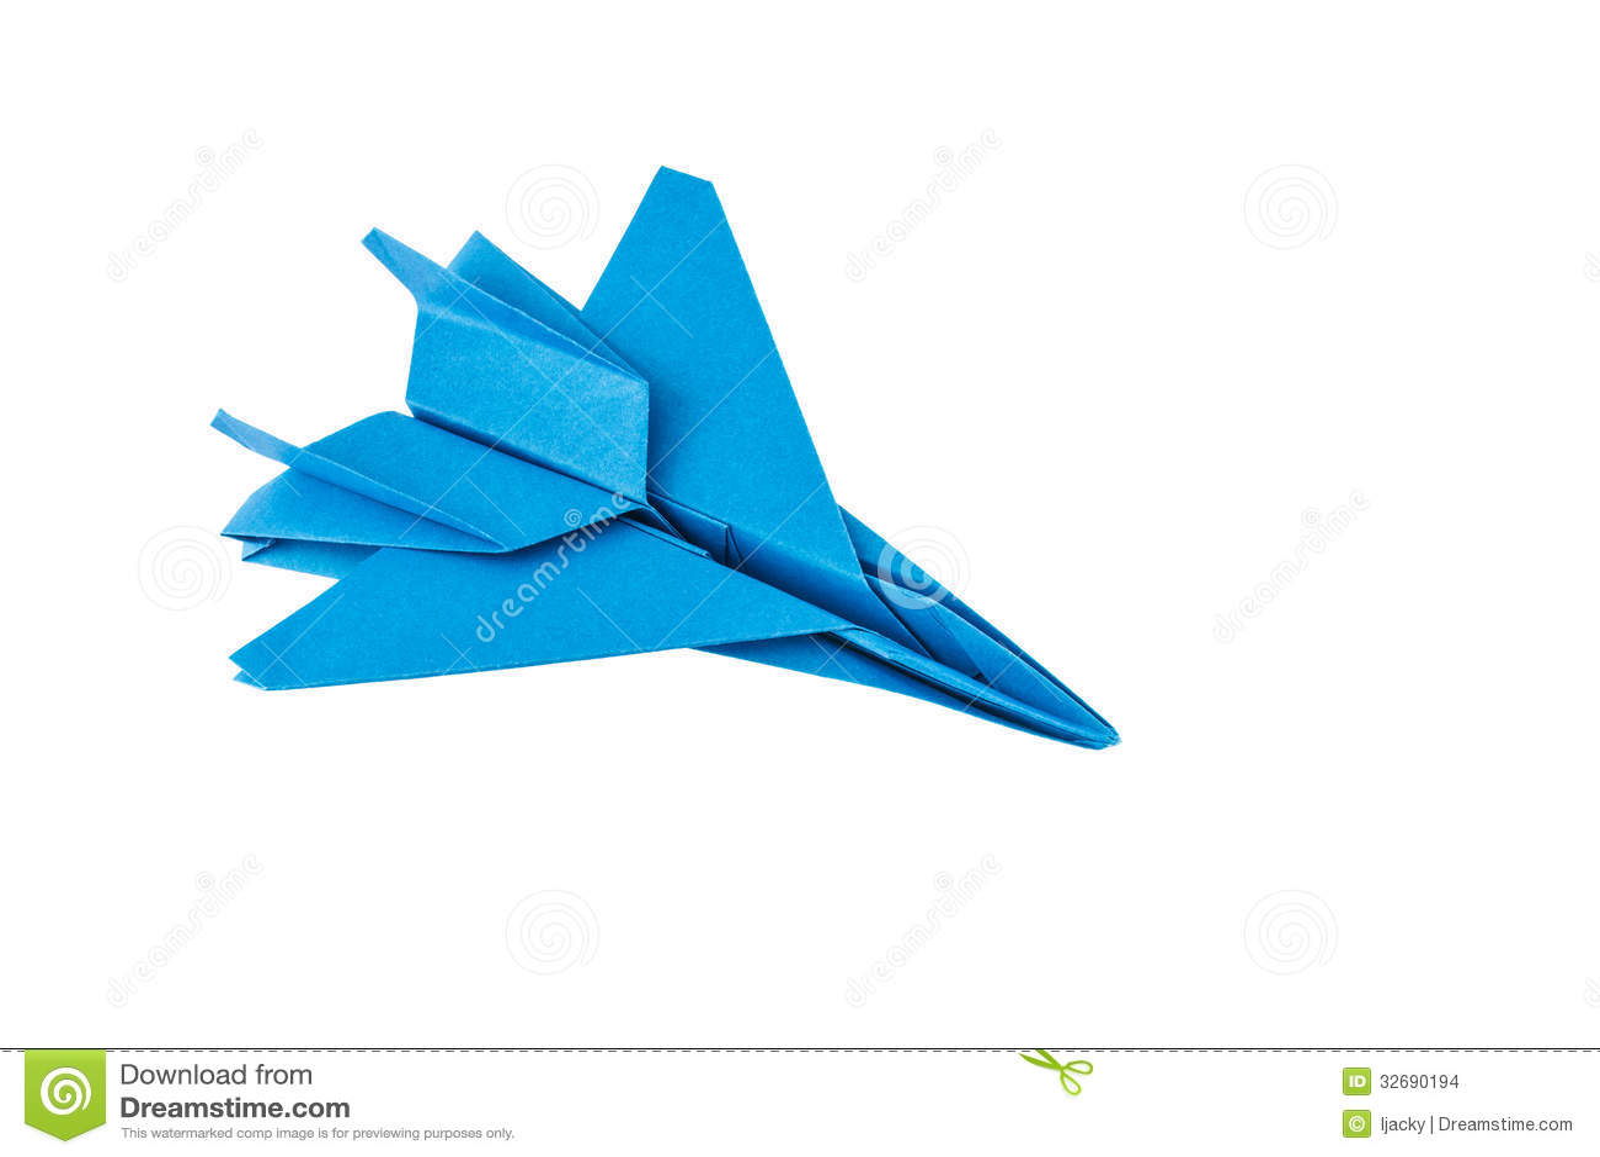 Как сделать истребитель из бумаги который будет долго летать